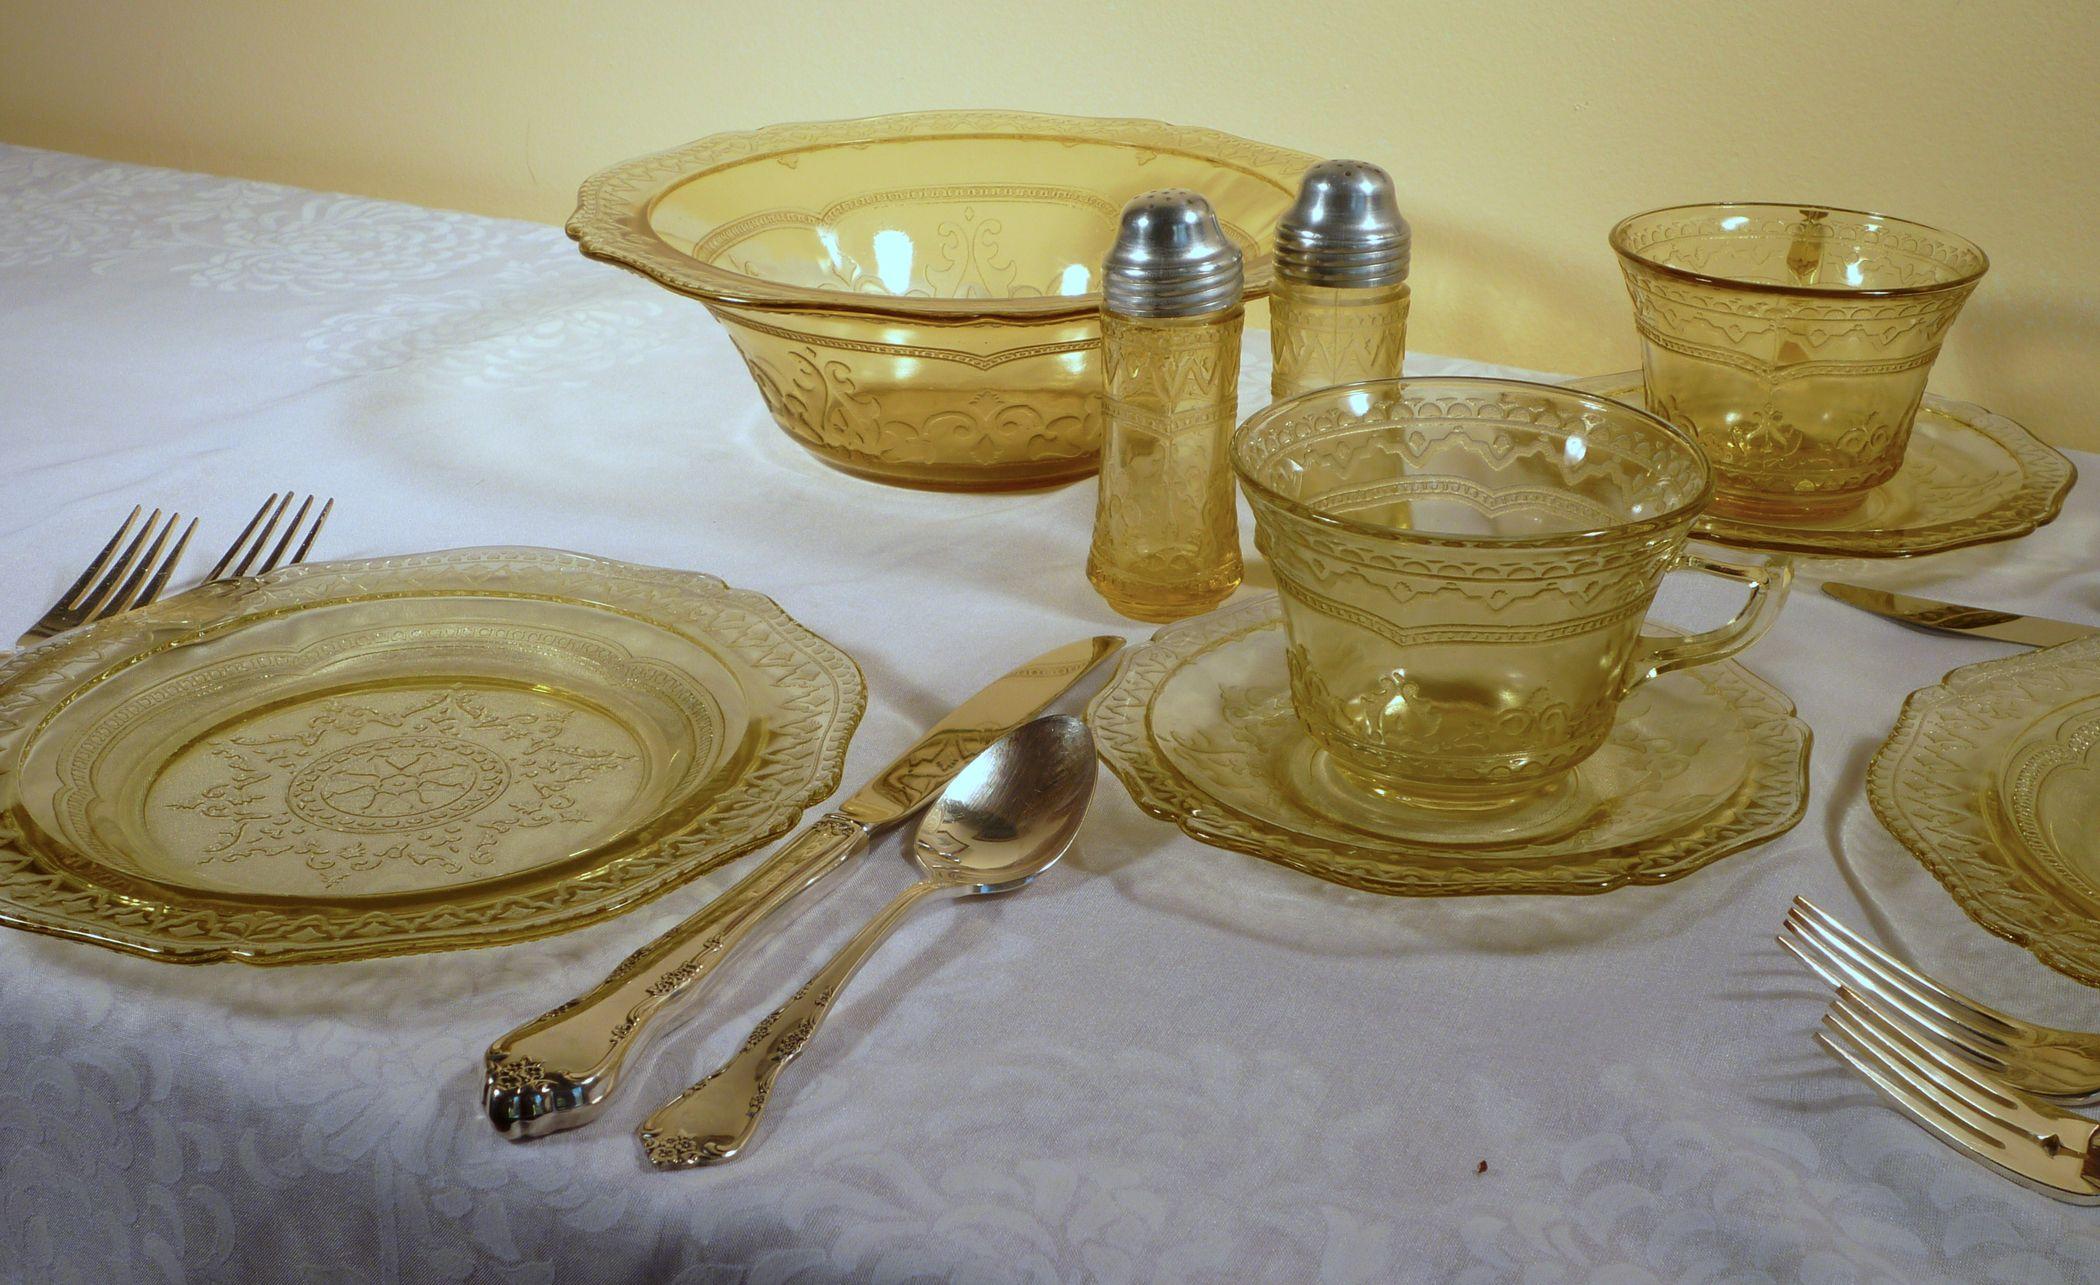 Patrician Spoke Amber Depression Glass Dinnerware. Isn\u0027t this set pretty? It\u0027s Patrician & Patrician Spoke Amber Depression Glass Dinnerware. Isn\u0027t this set ...